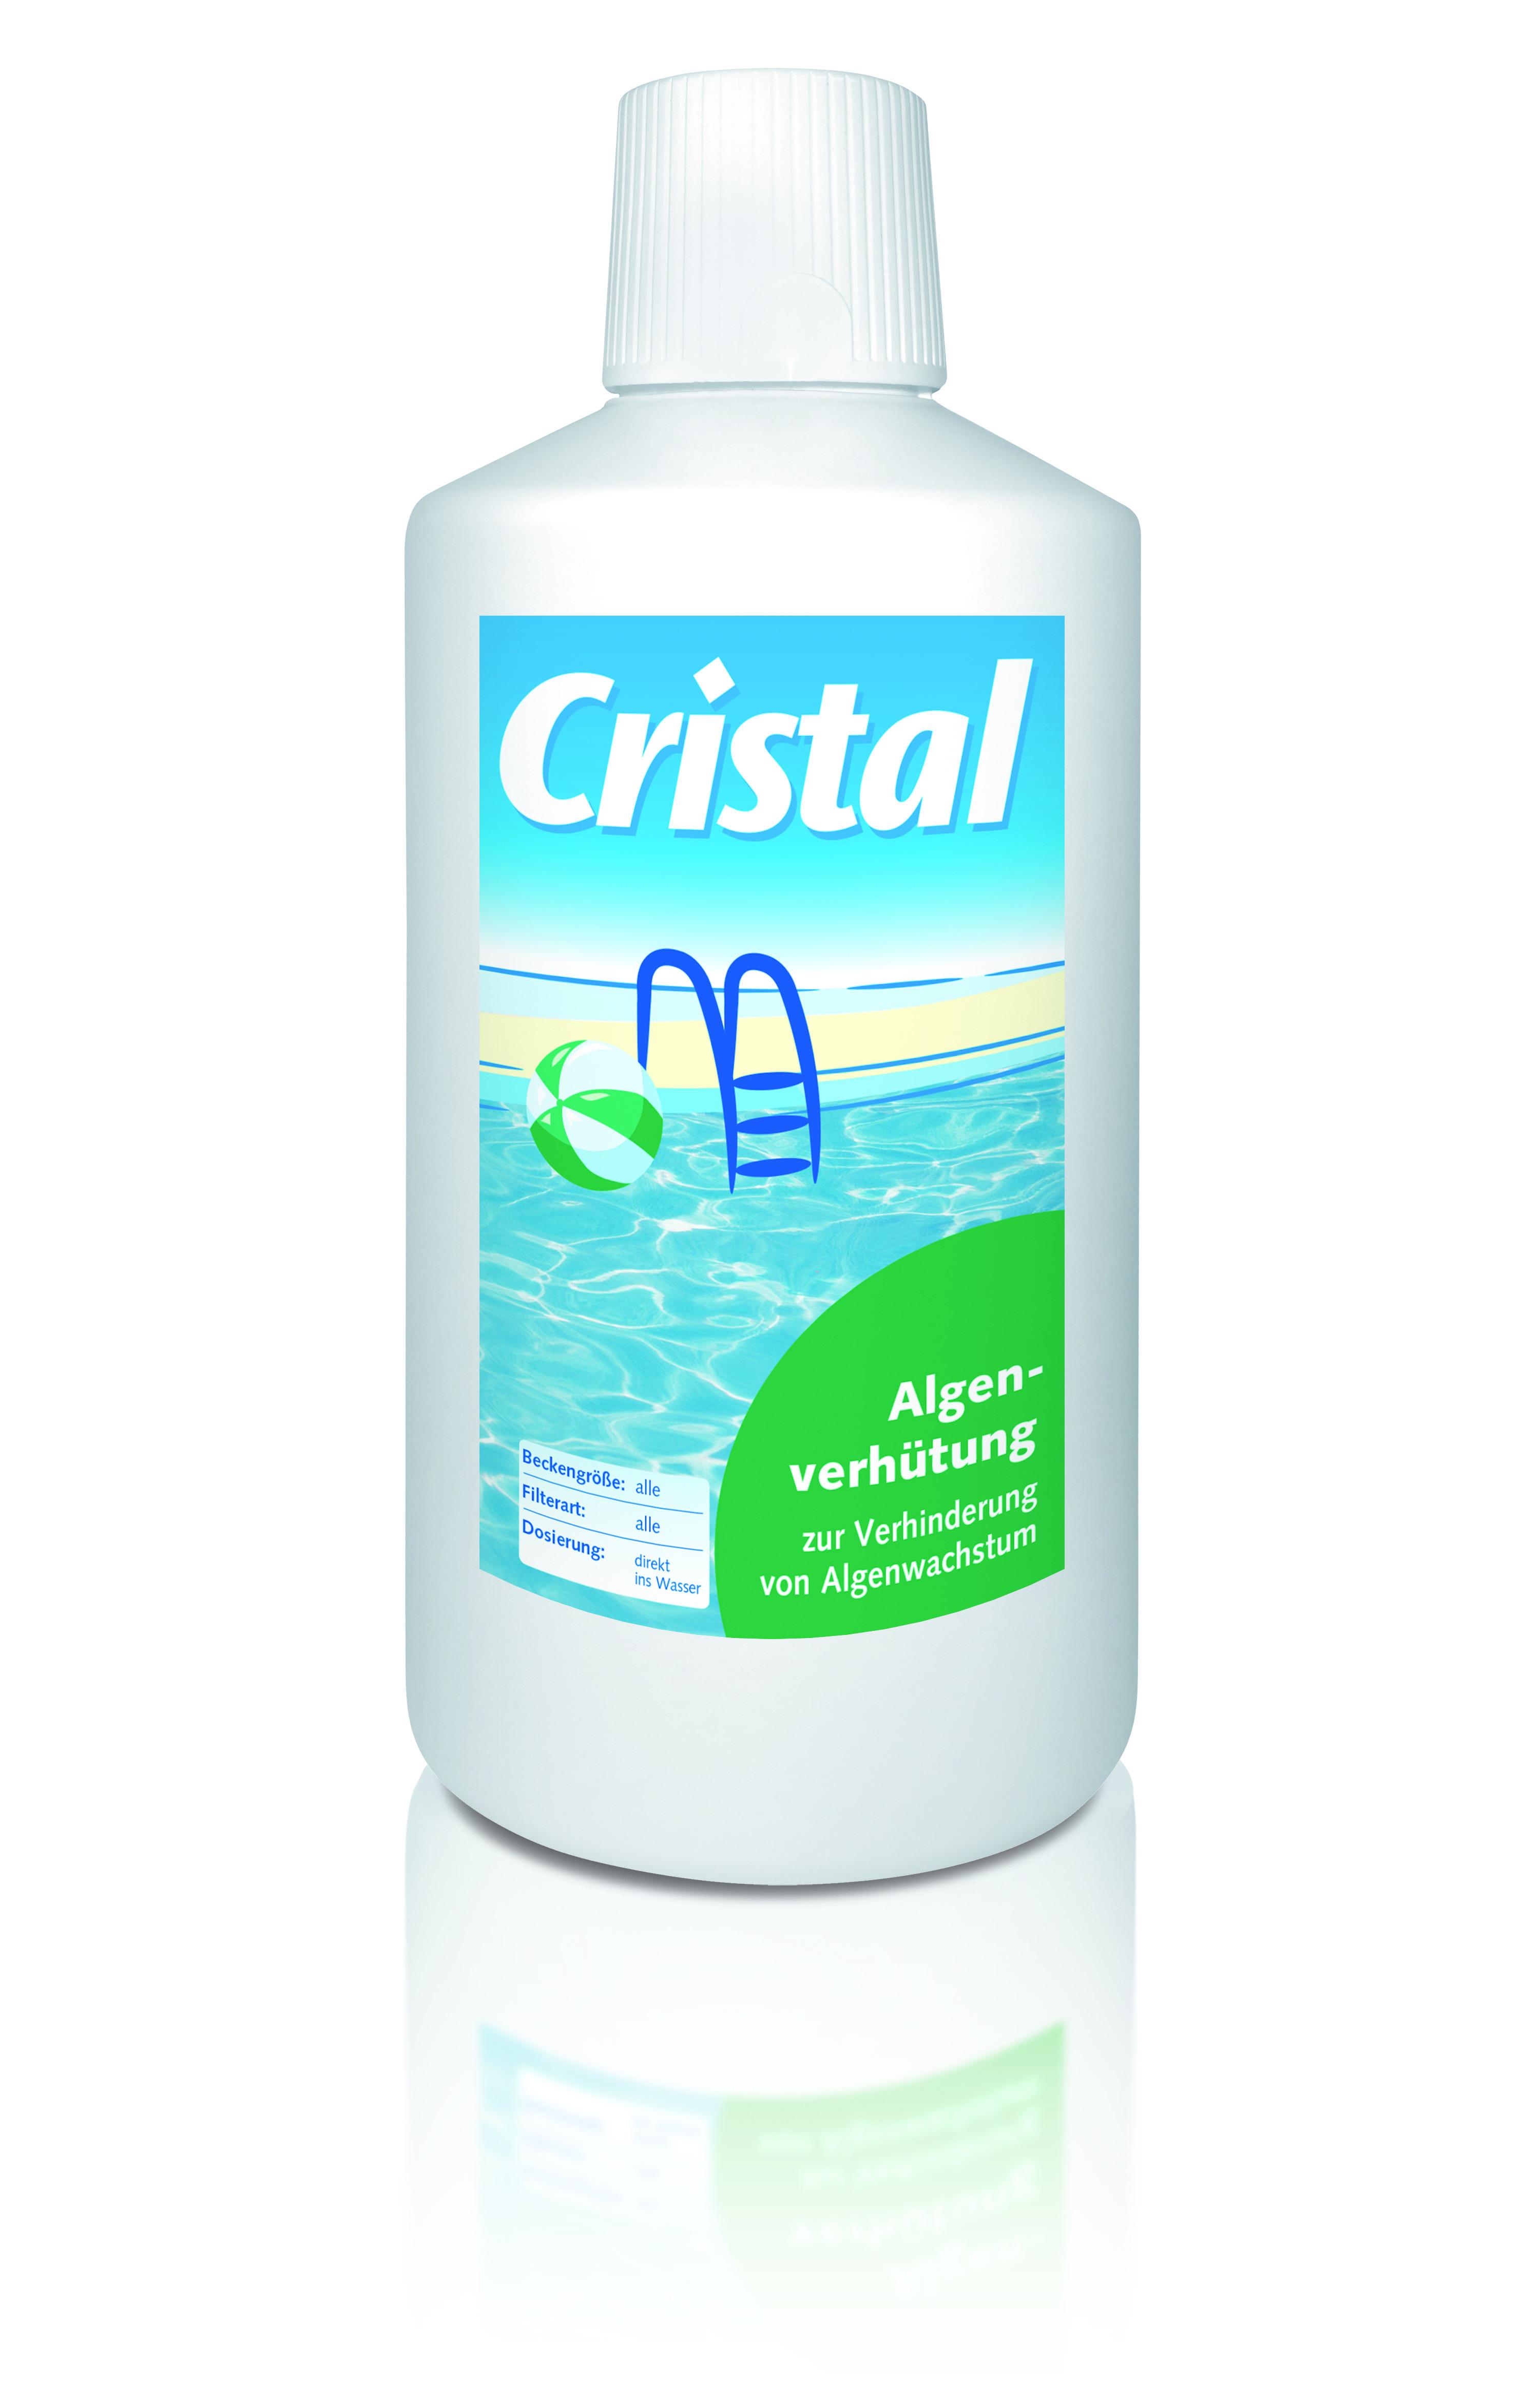 Cristal Wasserpflege Algenverhütung 3 Liter Bild 1